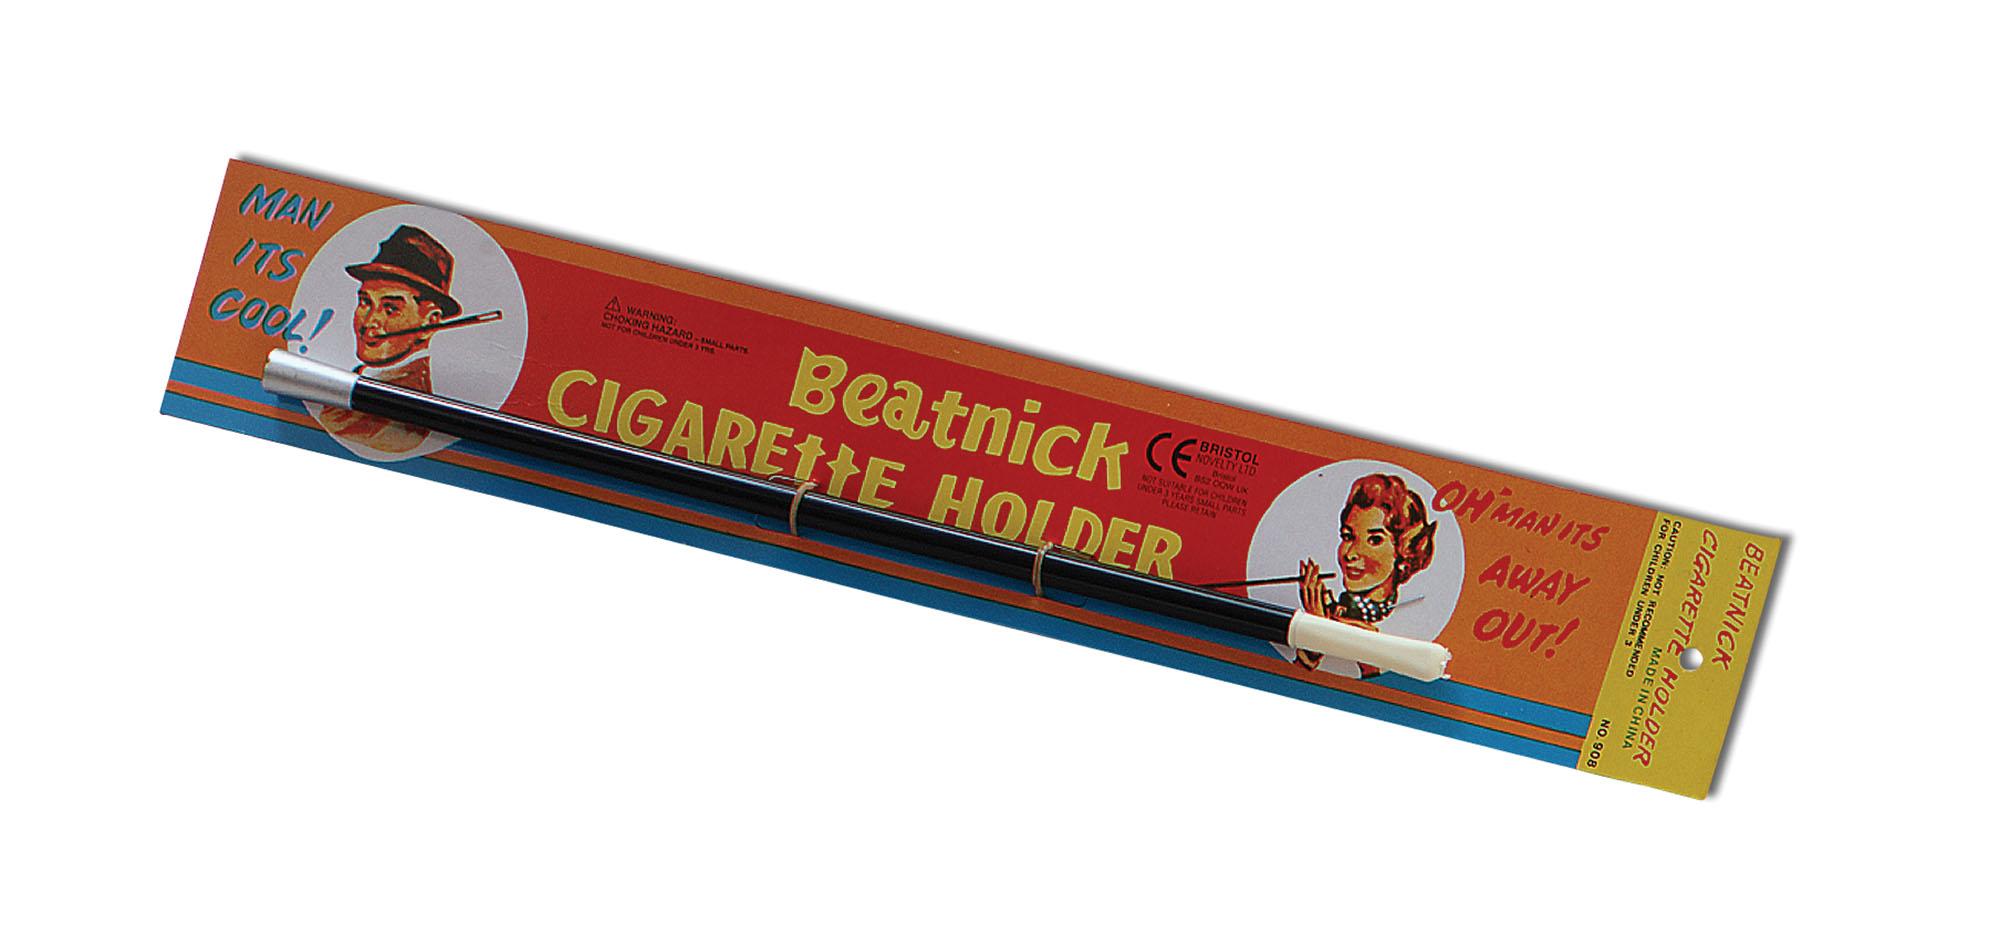 Beatnick Cigarette Holder Costume Accessory